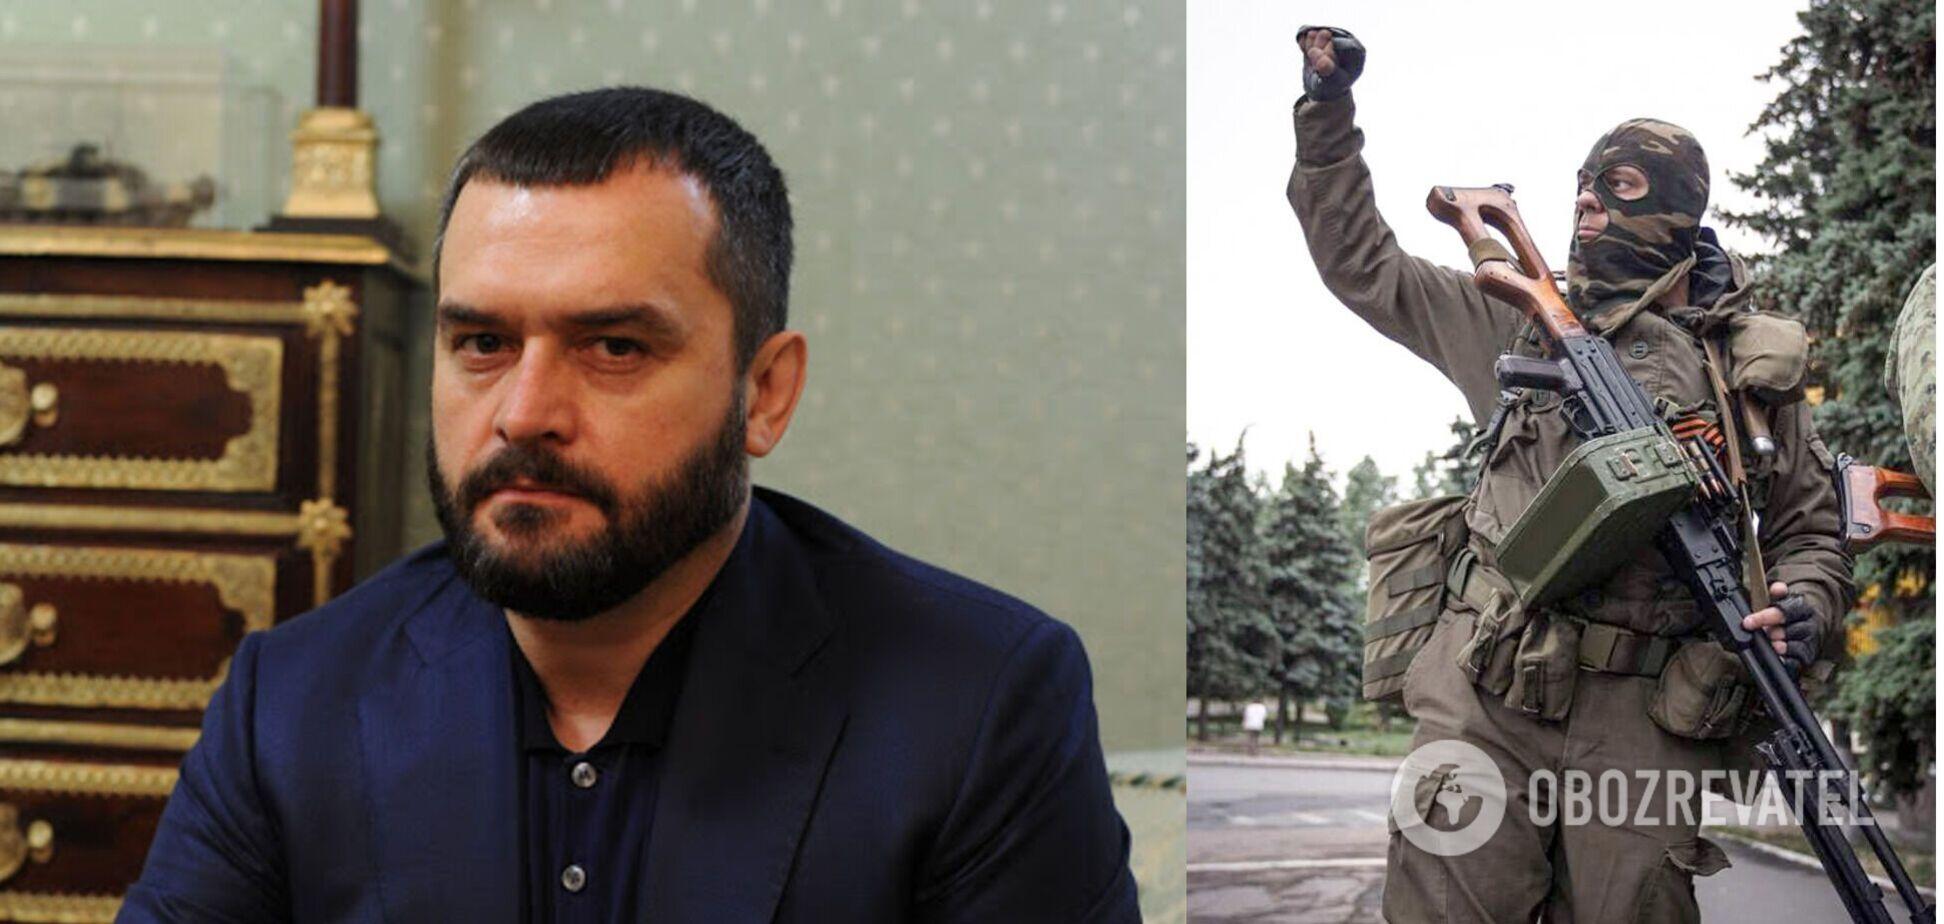 Беглый экс-министр Захарченко сказал, что готов возглавить террористов 'Л/ДНР'